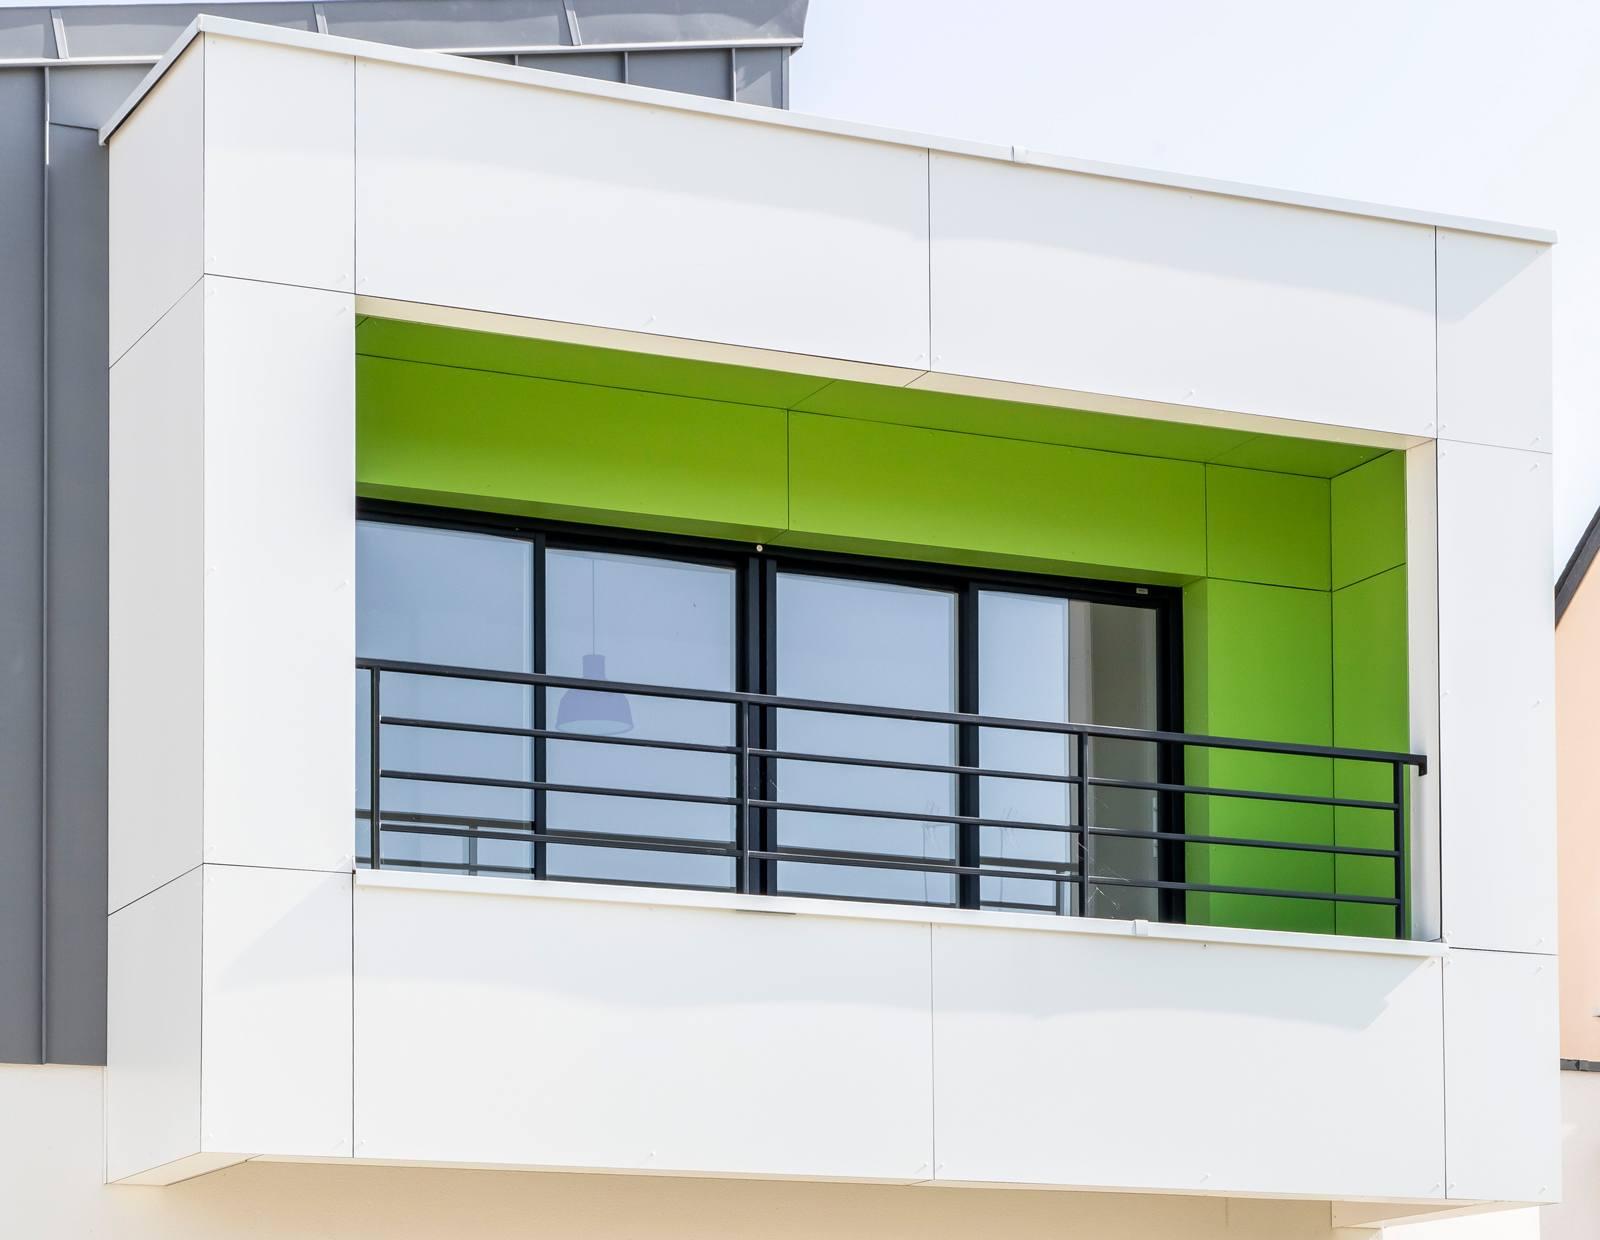 Balcon lumineux et coloré